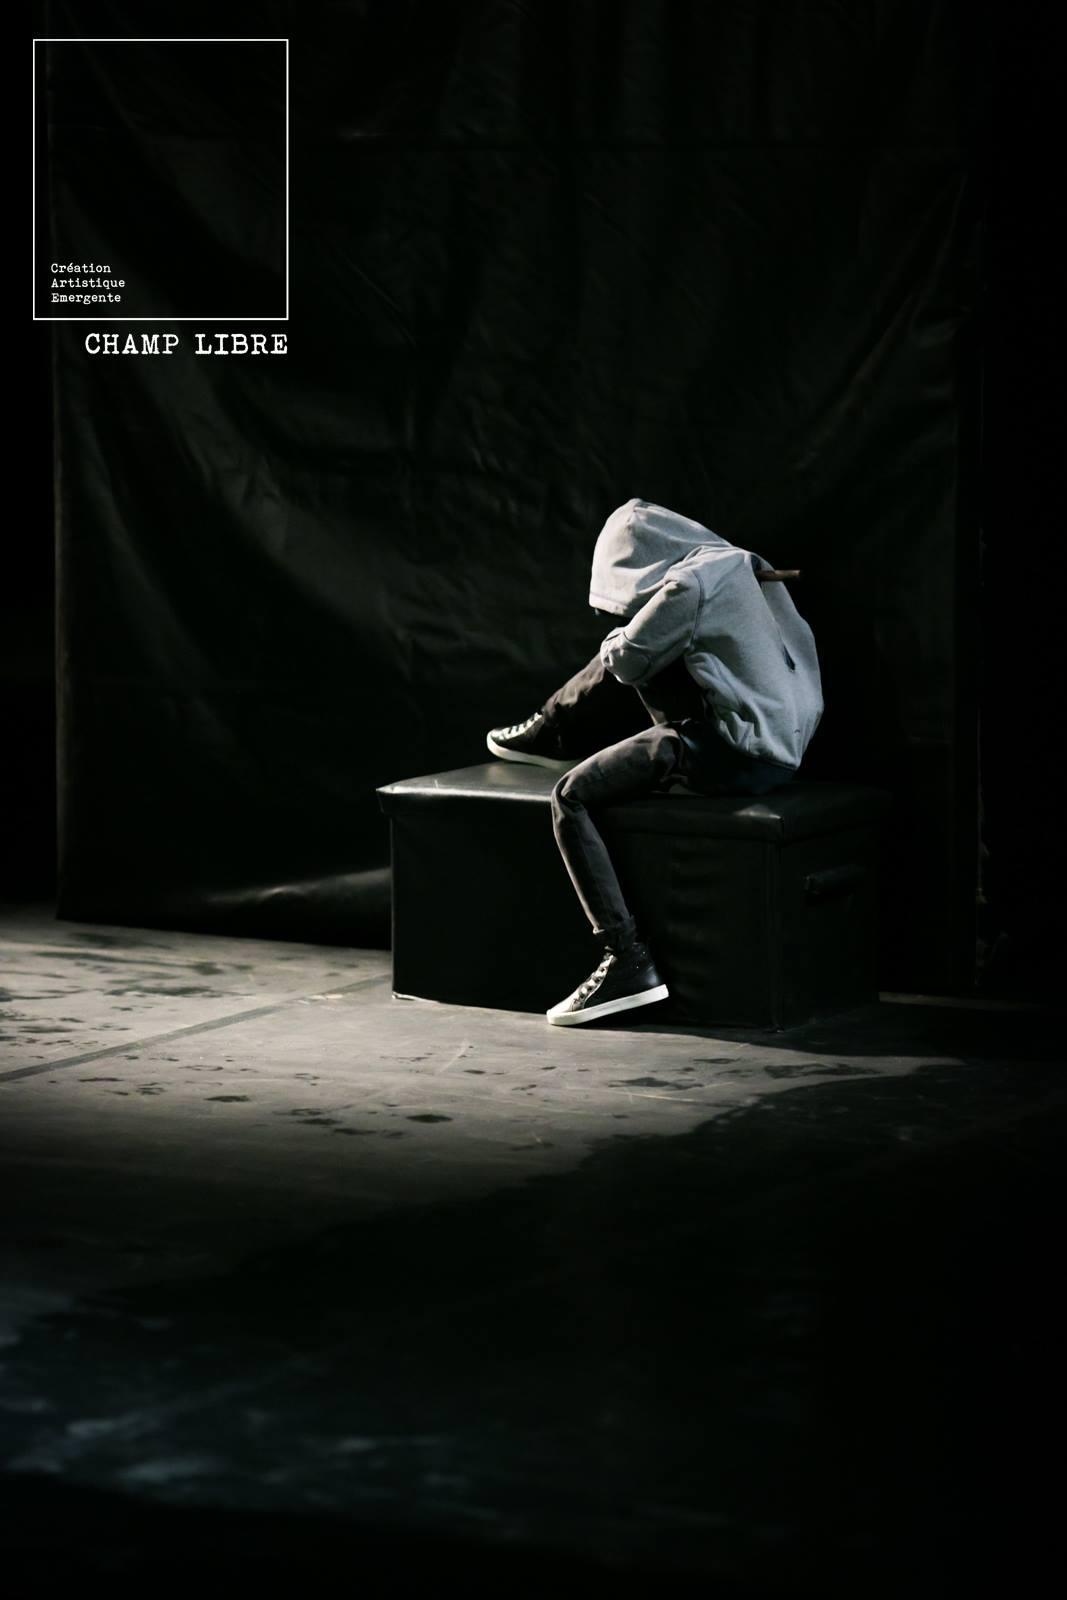 Champ Libre - Aout 18 - Yann Slama 5